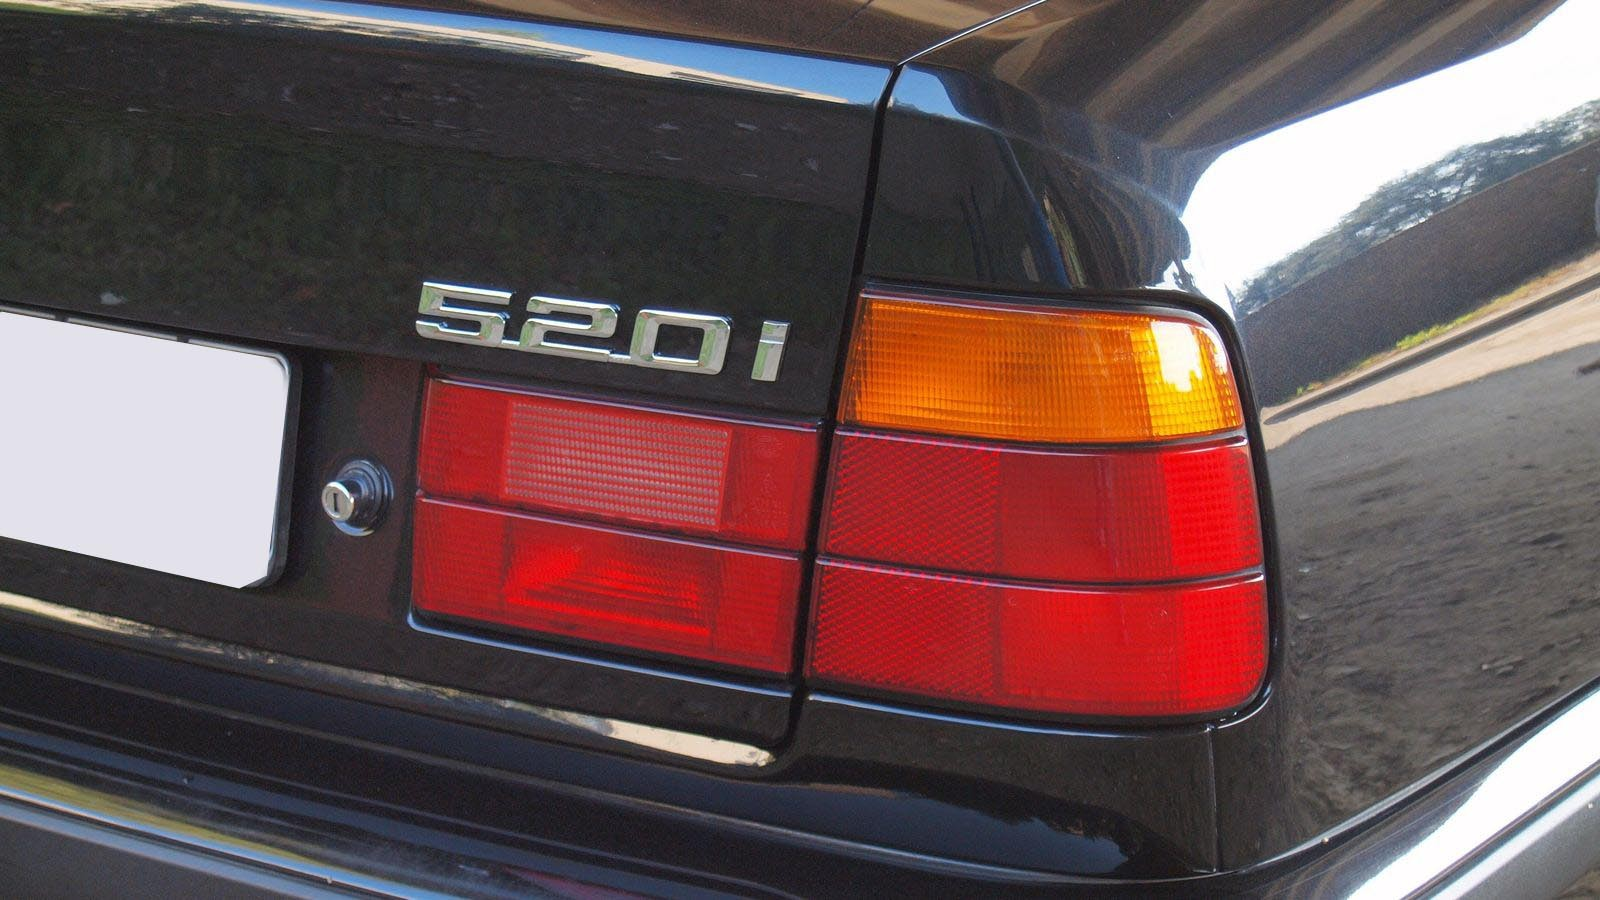 Как на вкладышах от жвачки Turbo: опыт владения BMW 520i E34